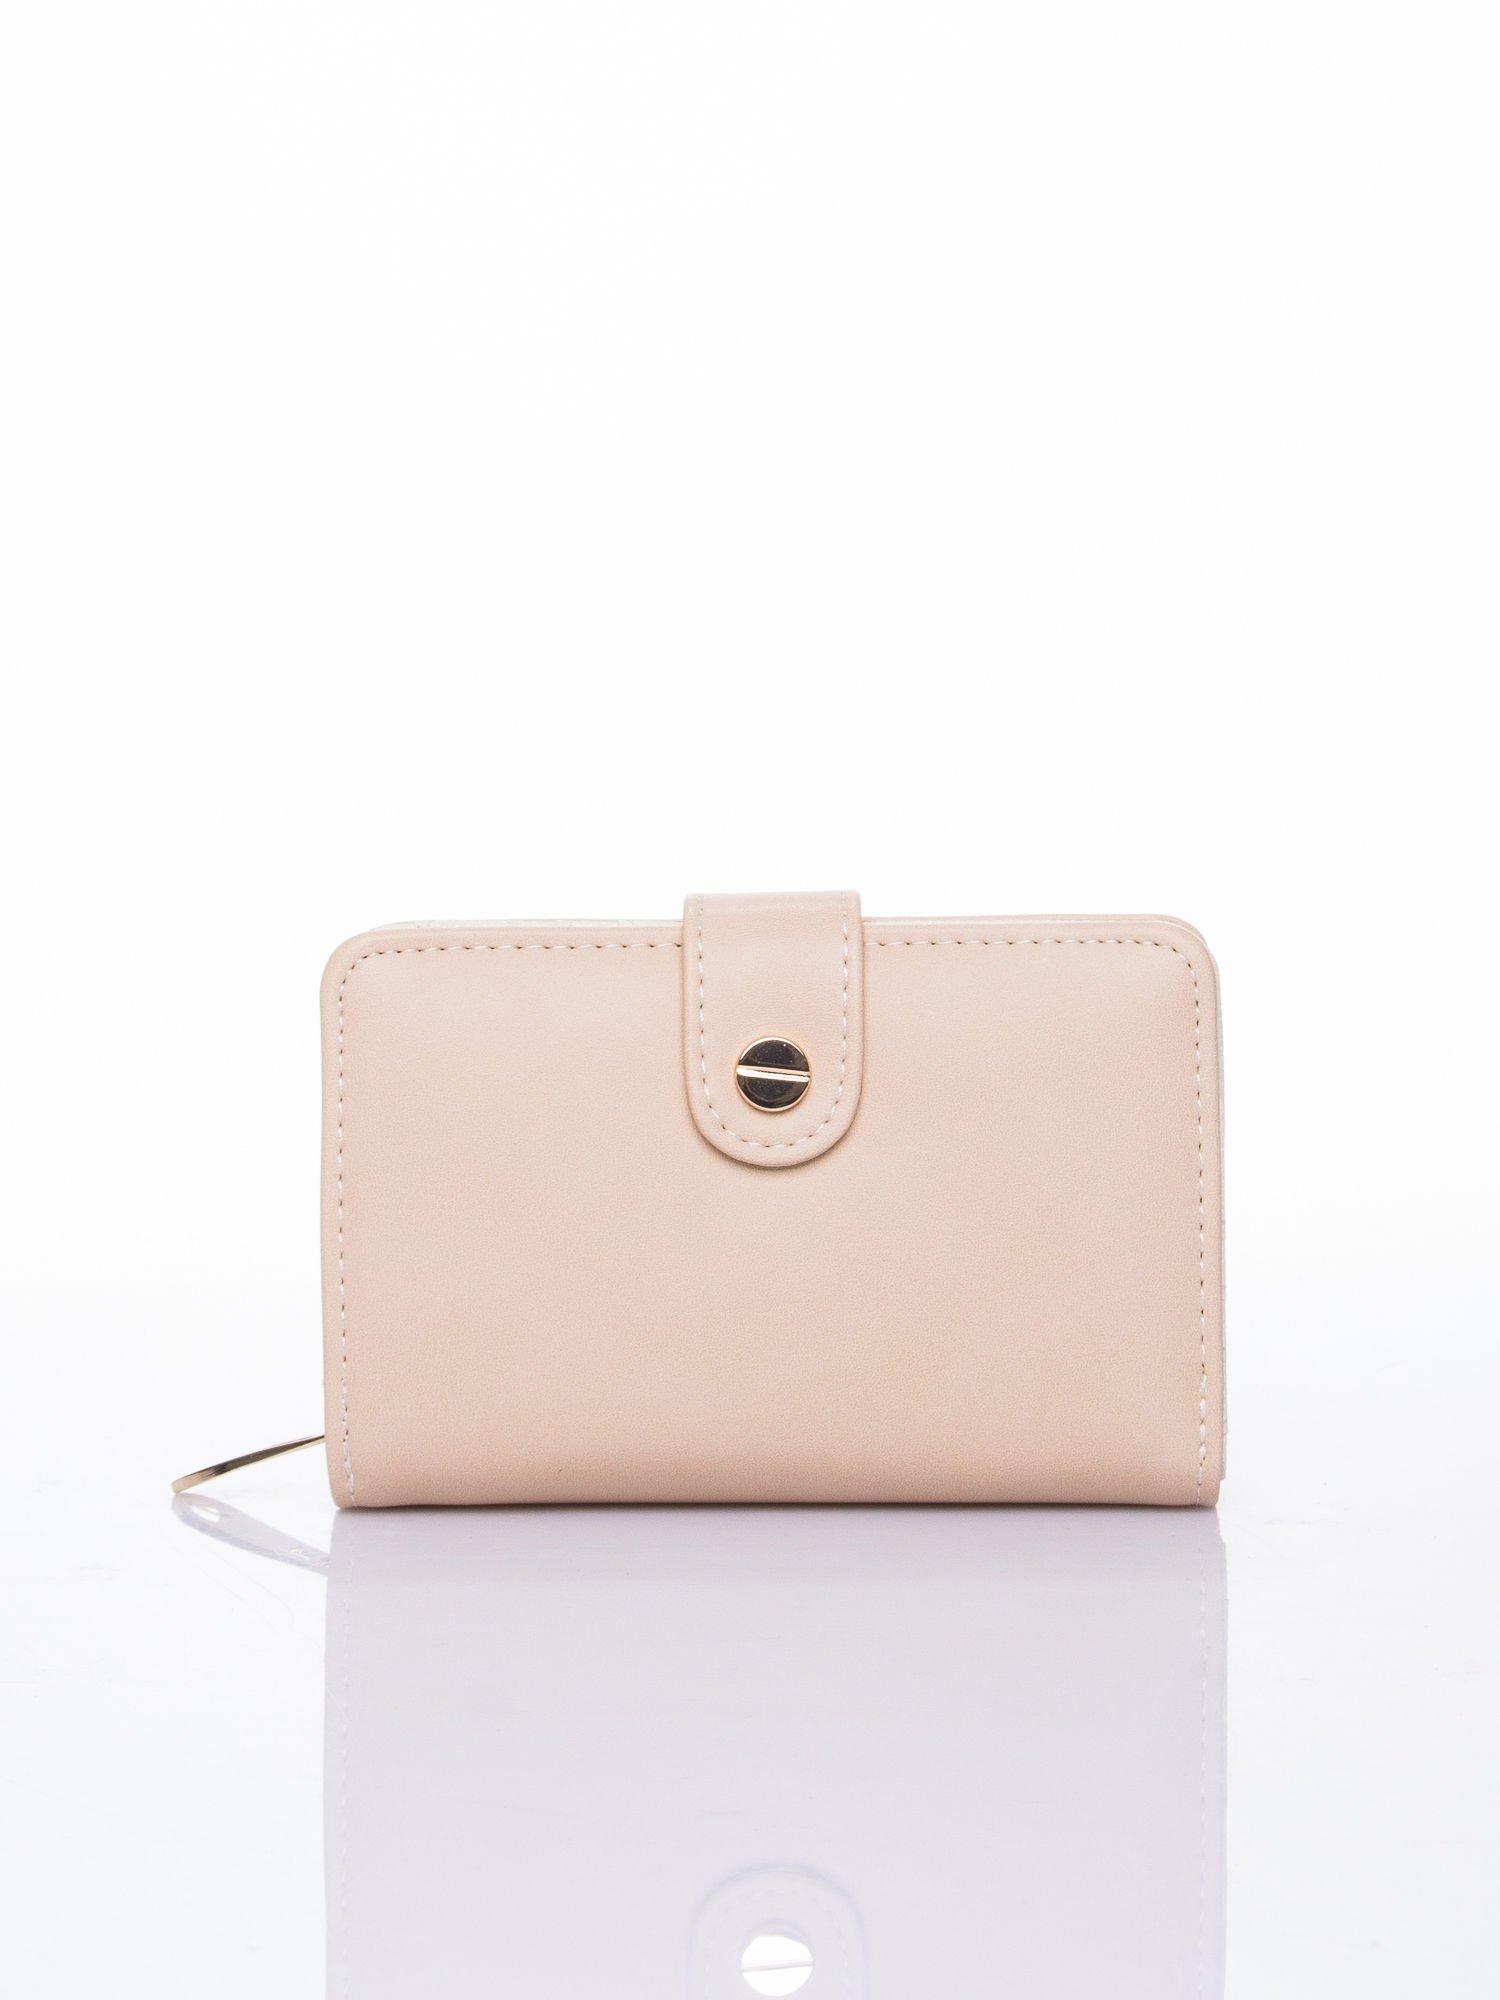 Beżowy portfel z zatrzaskiem                                  zdj.                                  1